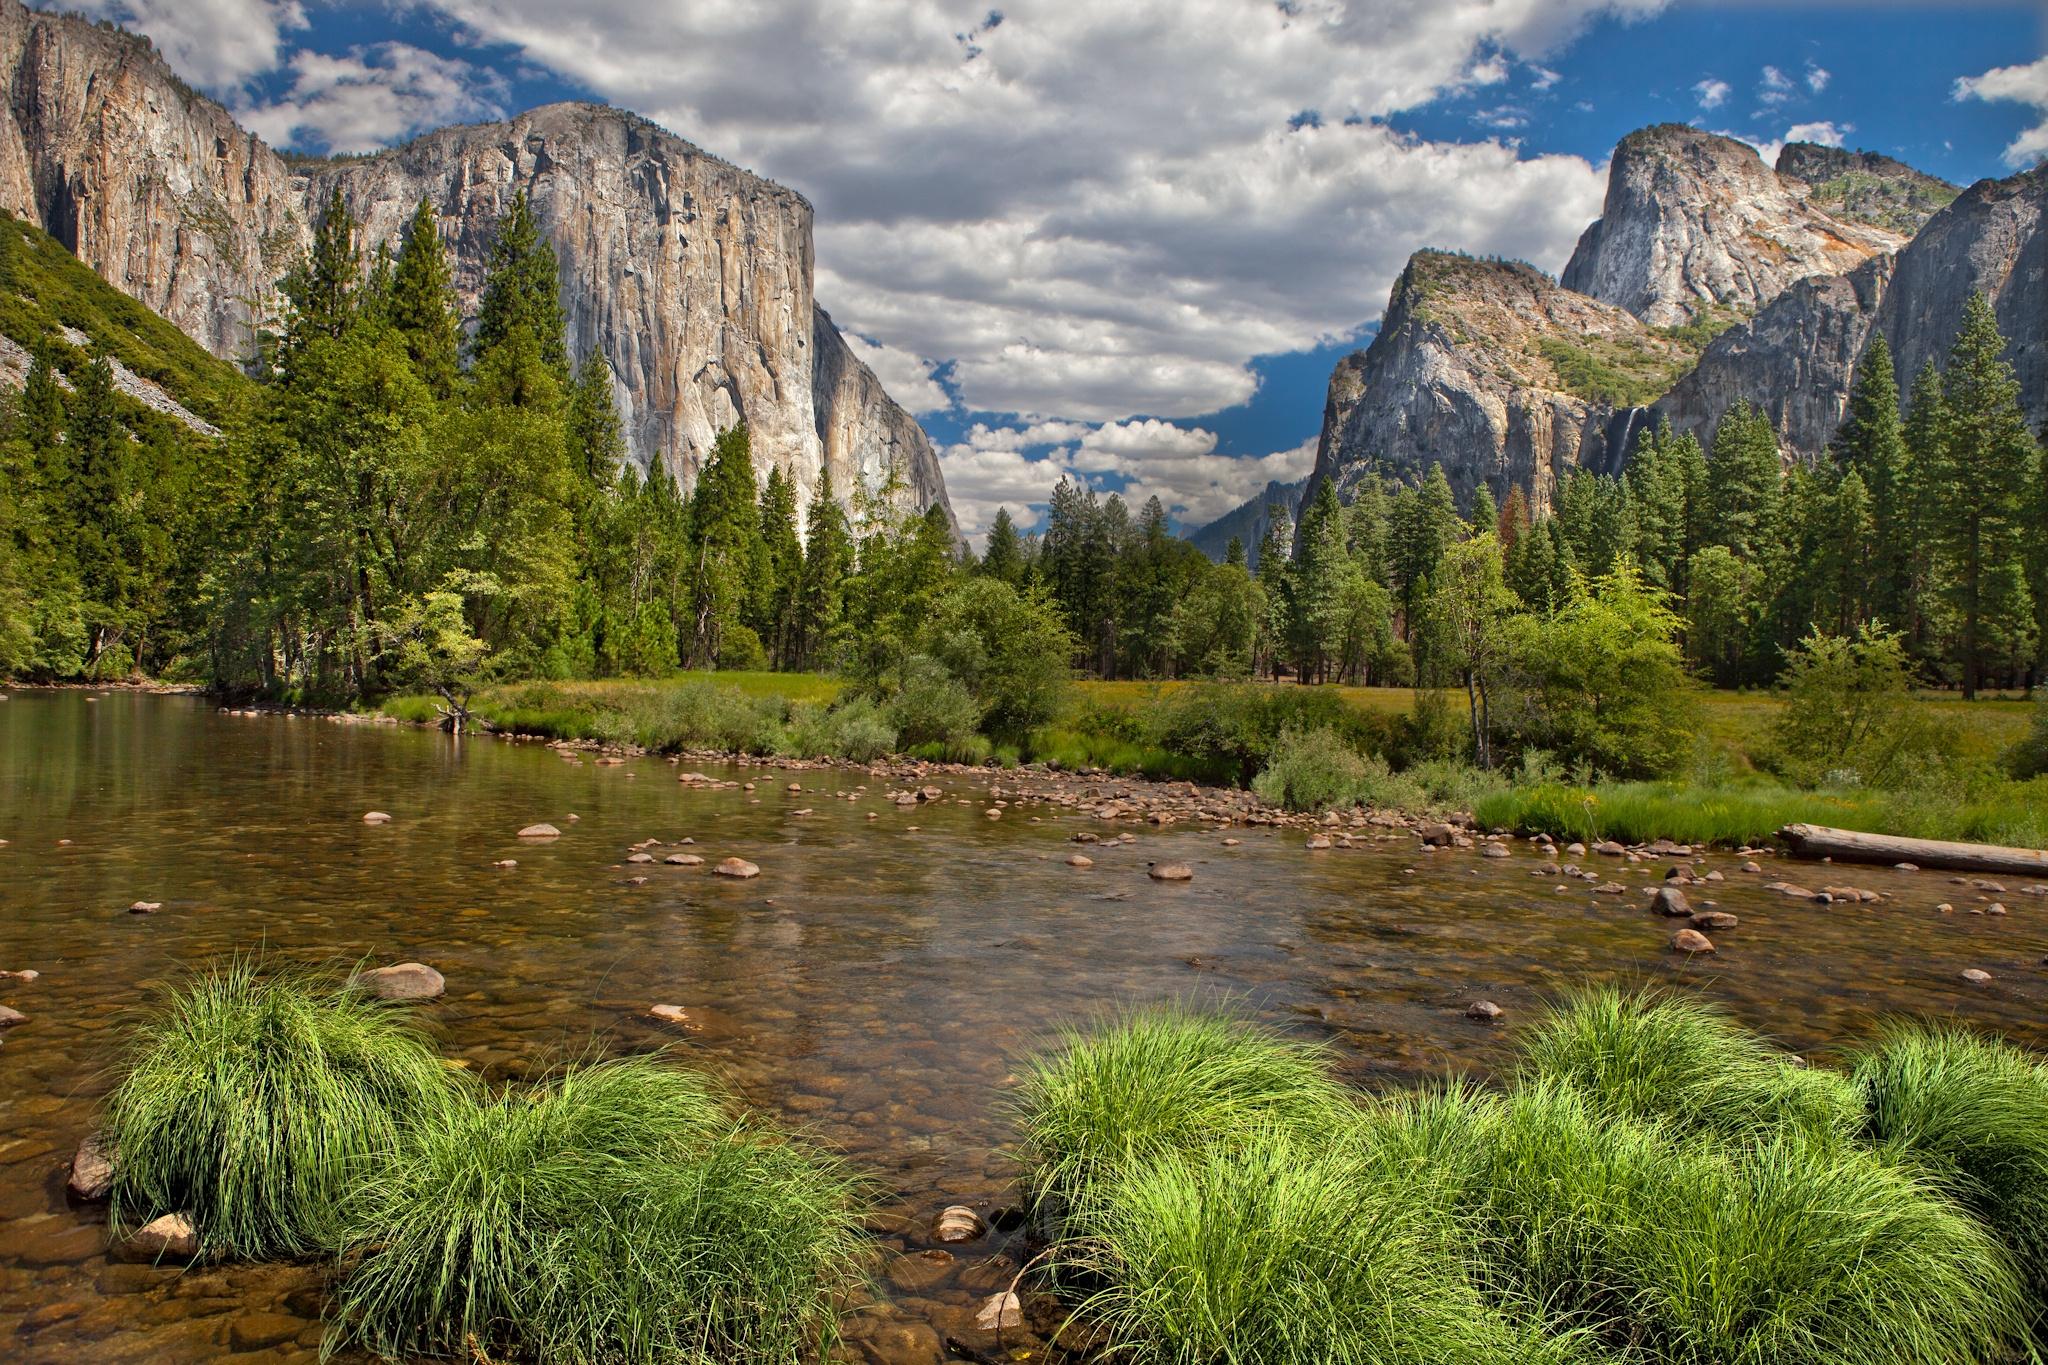 133193 завантажити шпалери Пейзаж, Природа, Річка, Гори, Ліс, Рослинність, Рослинності, Течія, Текти, Блакитне Небо - заставки і картинки безкоштовно